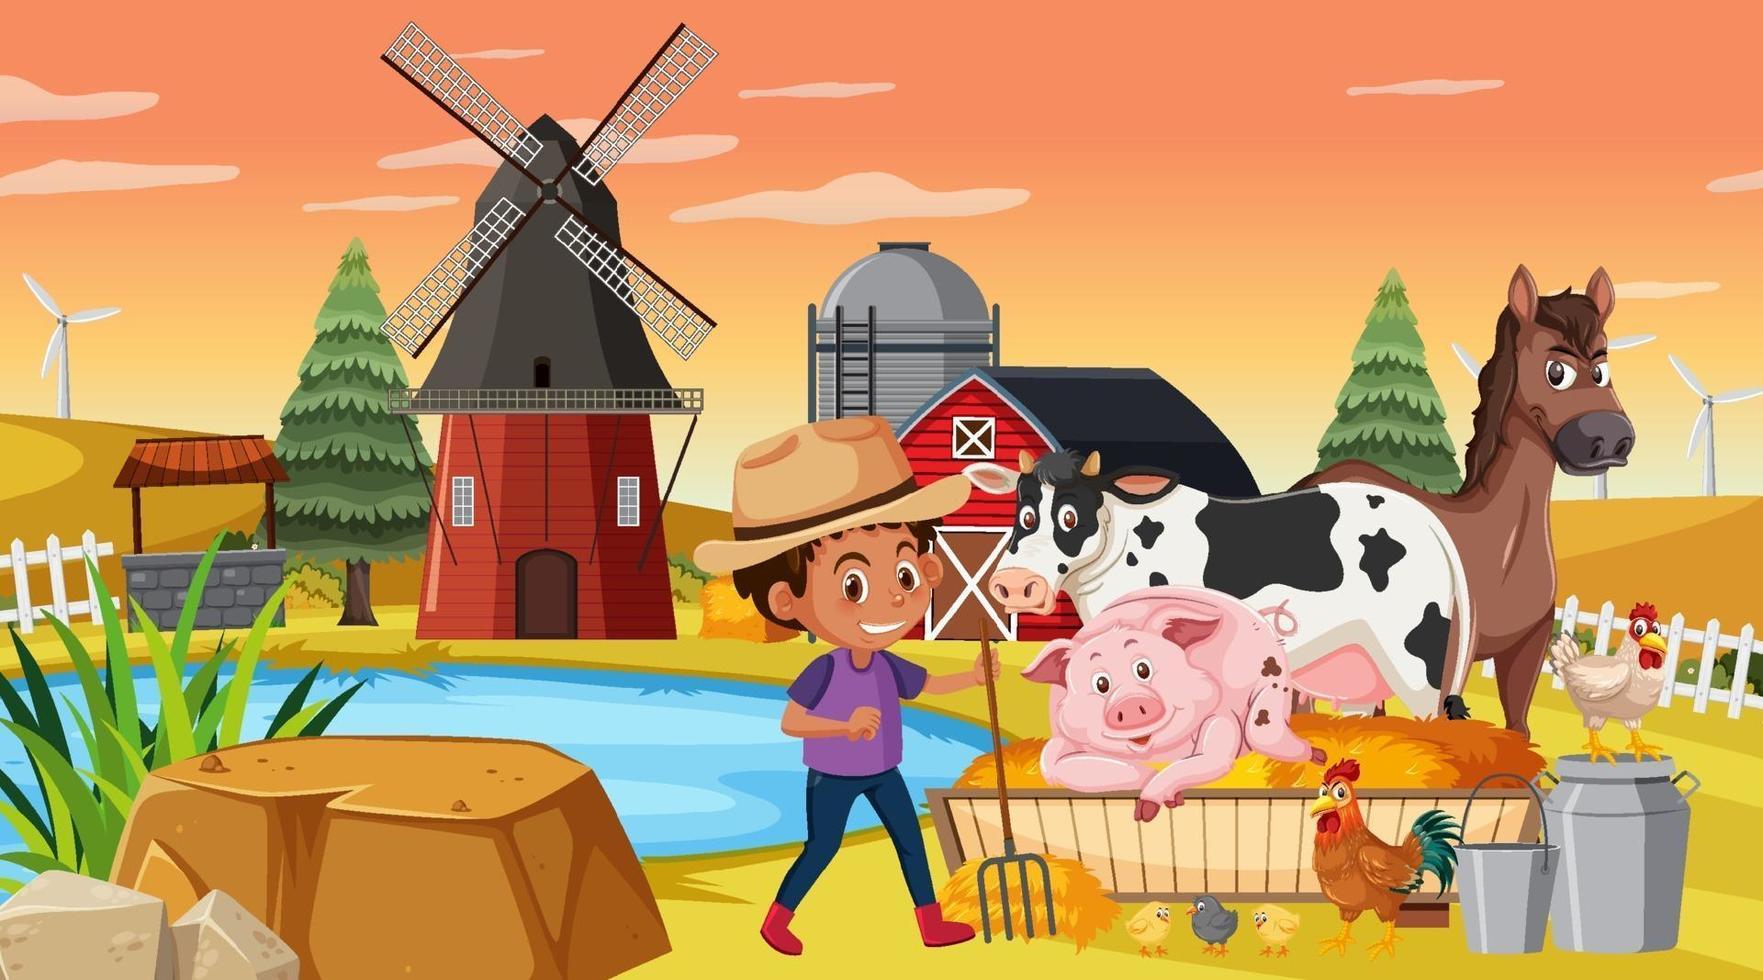 un fermier dans la scène de la ferme avec des animaux de la ferme vecteur